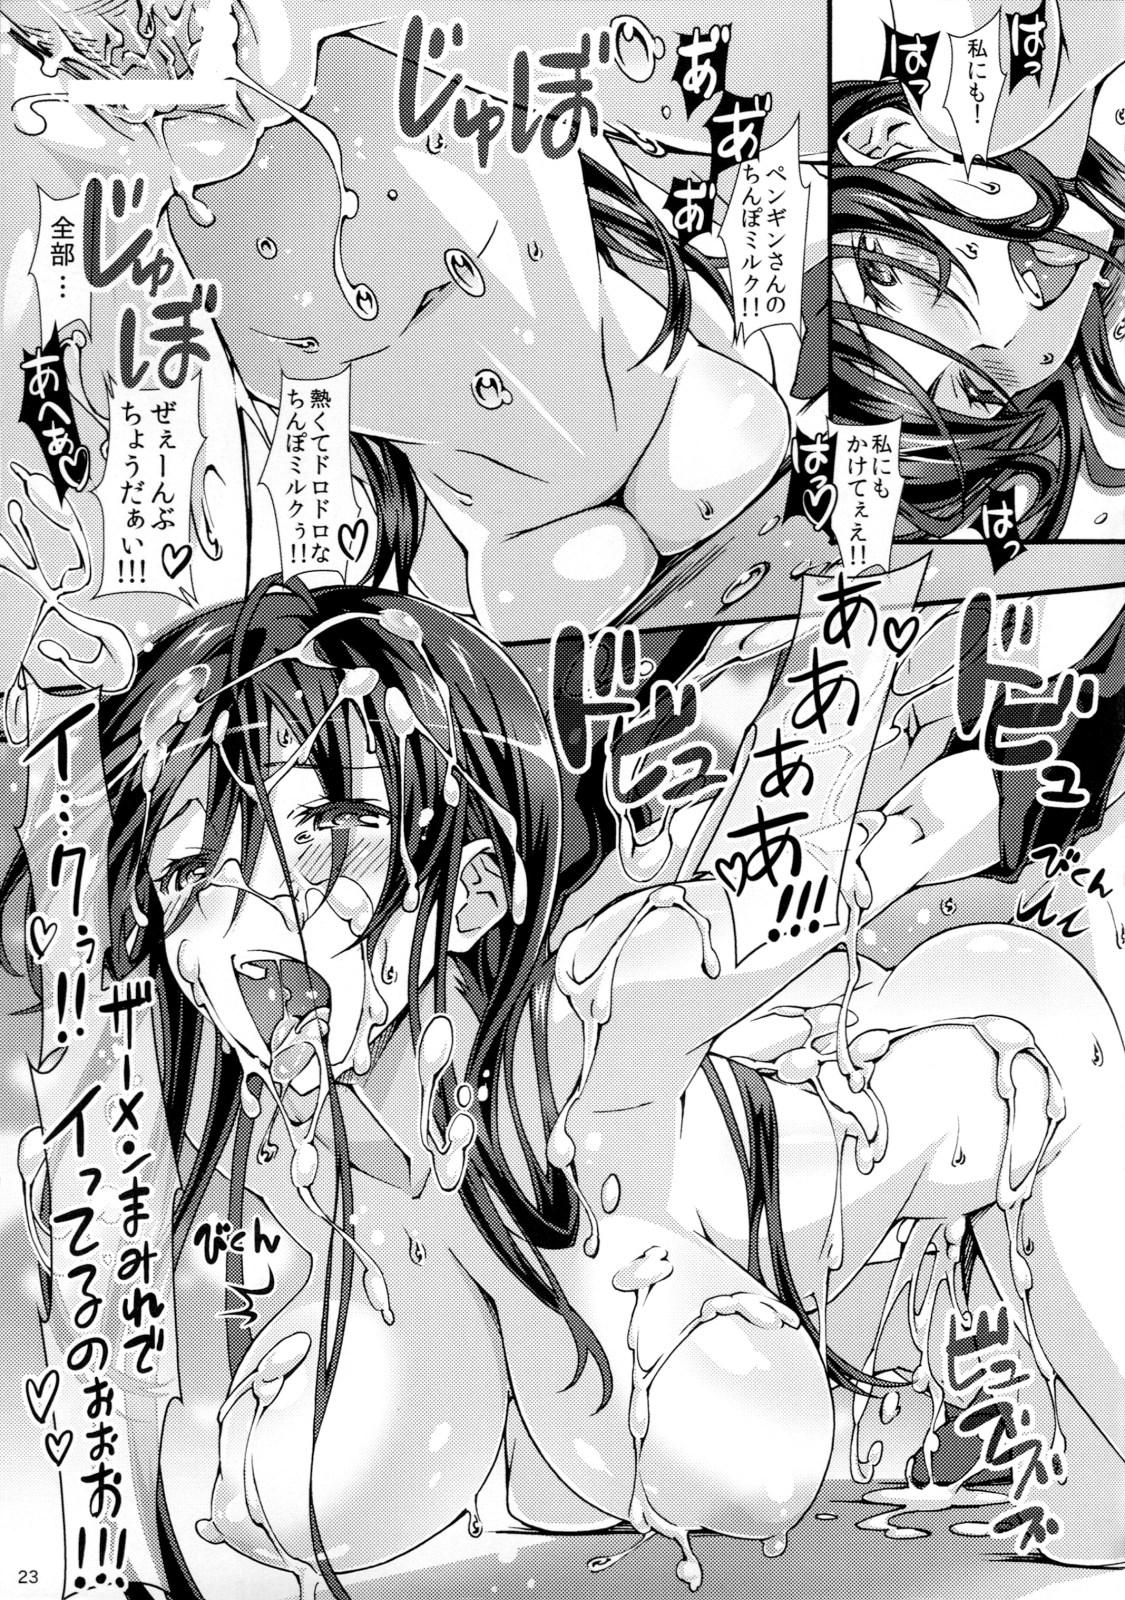 【エロ漫画】悪の怪人は性欲も旺盛でな・・・地球人の女は格好のターゲットなんですよww